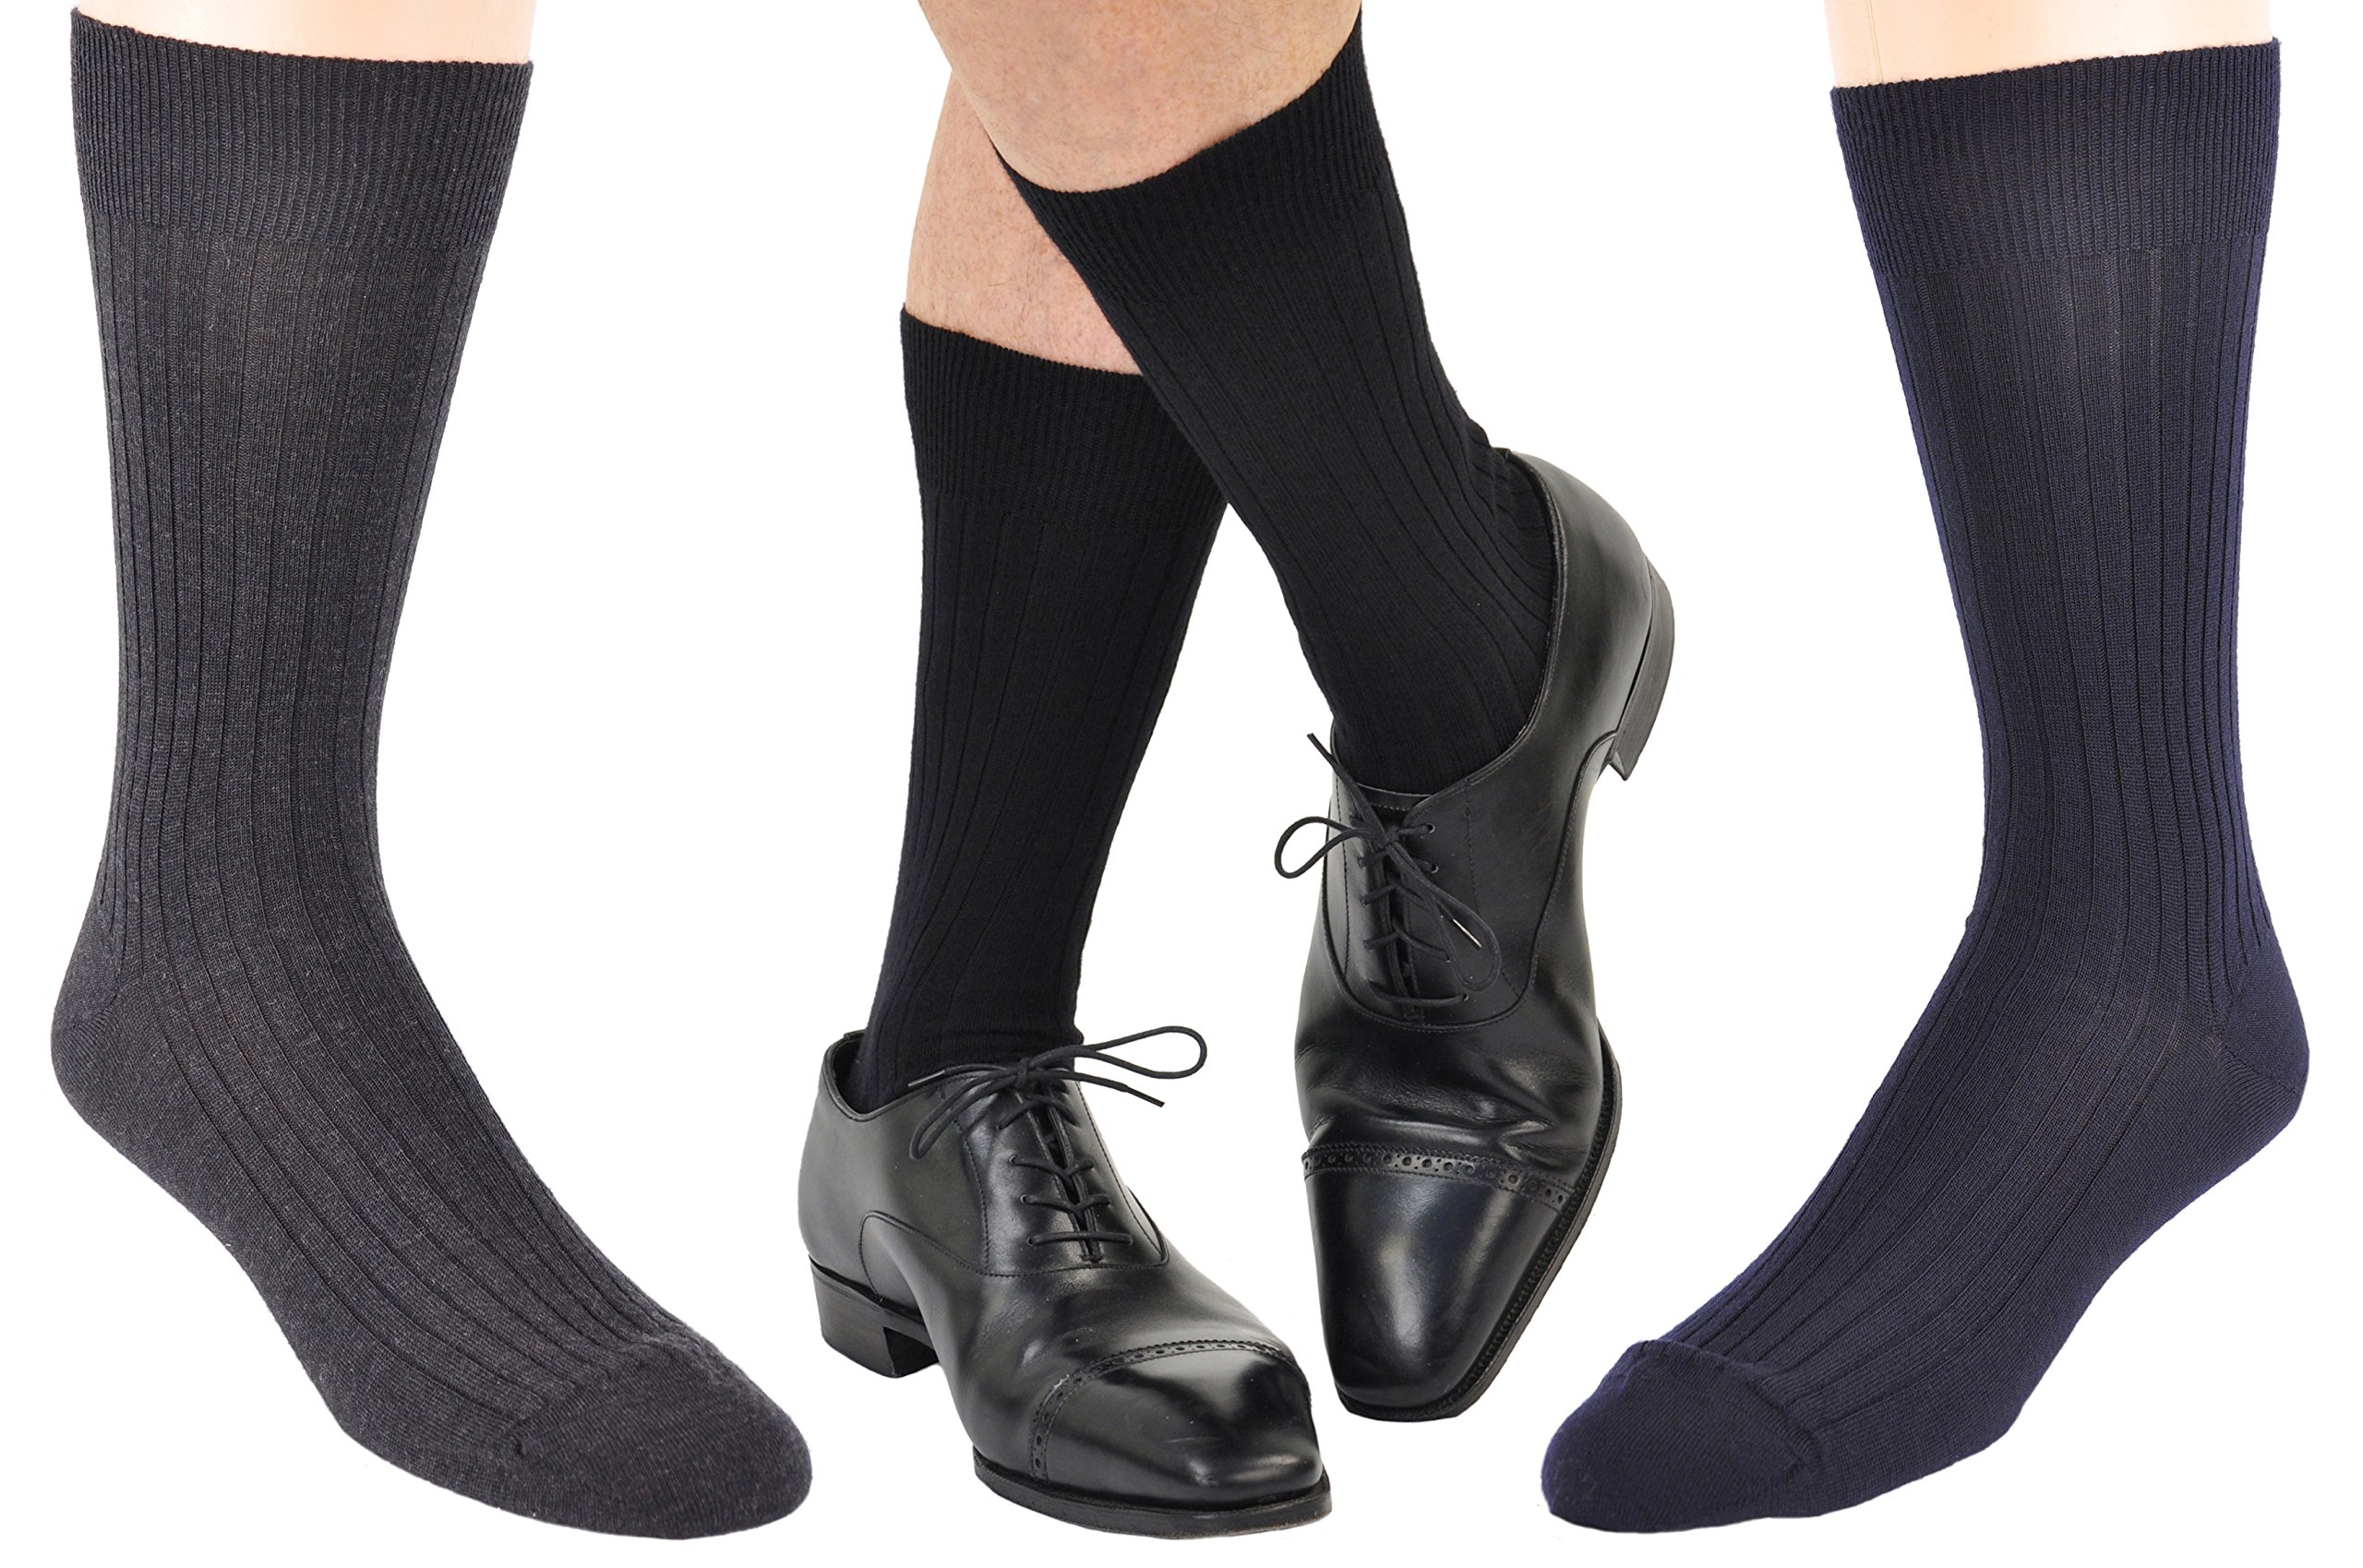 12 Pairs Men's ExtraFine Merino Marcoliani Mid-Calf Italian Dress Socks: 4 Navy, 4 Black, 4 Charcoal